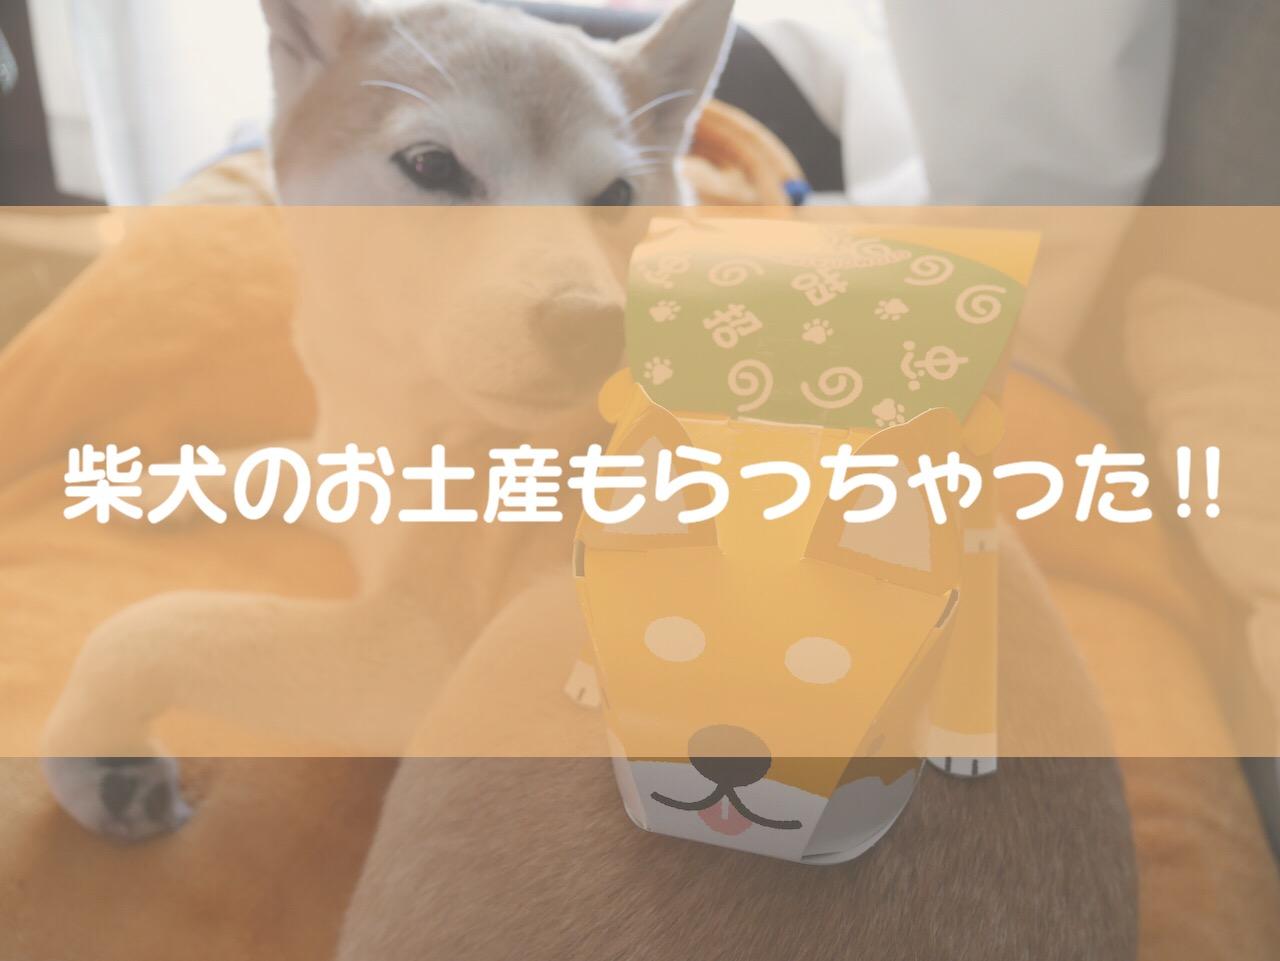 柴犬が可愛い!招かれ犬 ショコラクランチをお土産に貰いました〜!